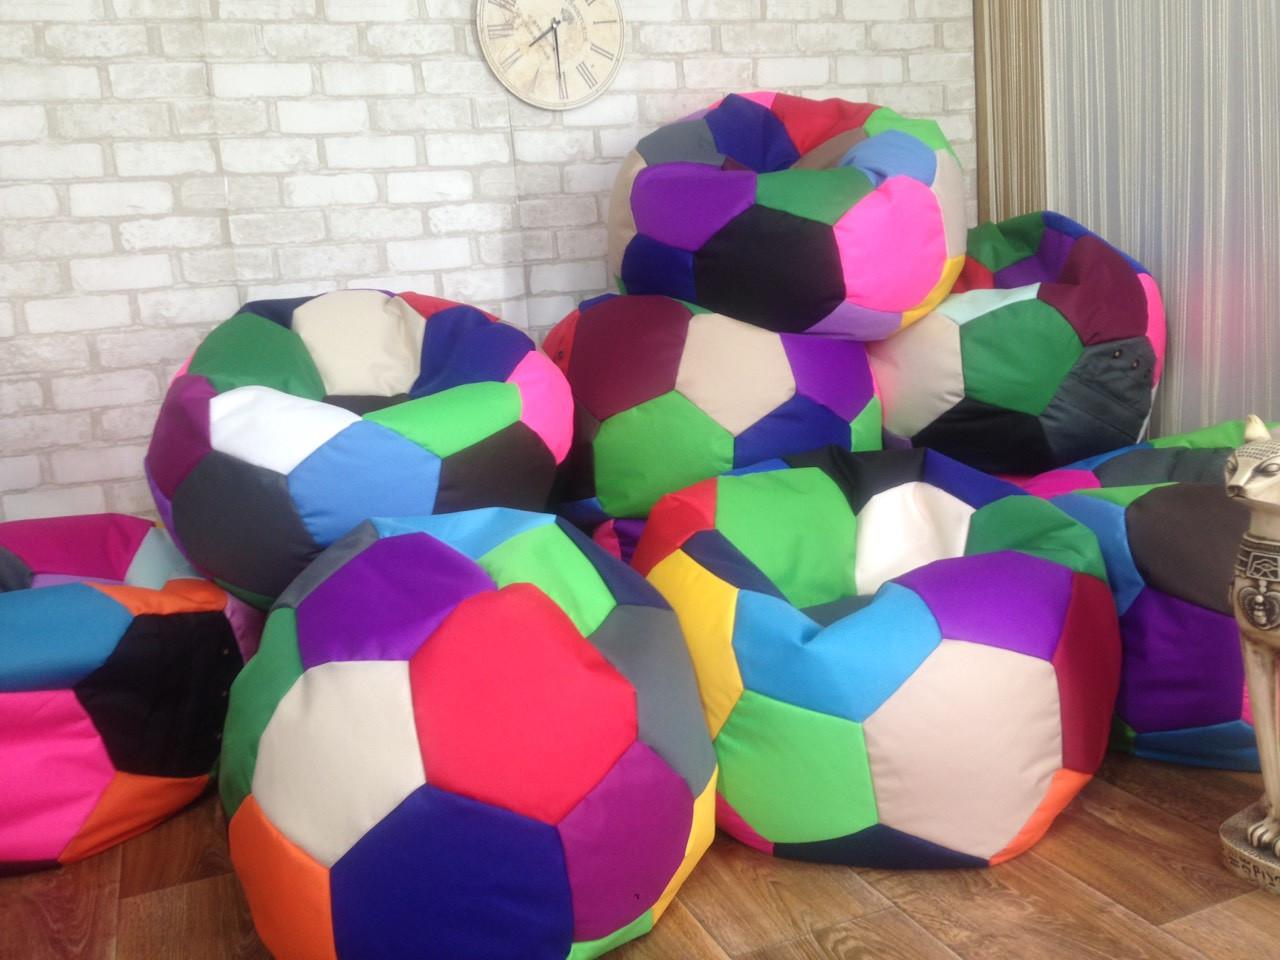 Детский мягкий Пуф мяч  мебель Лофт, Loft,кресло мешок Кресло груша бескаркасный Пуф